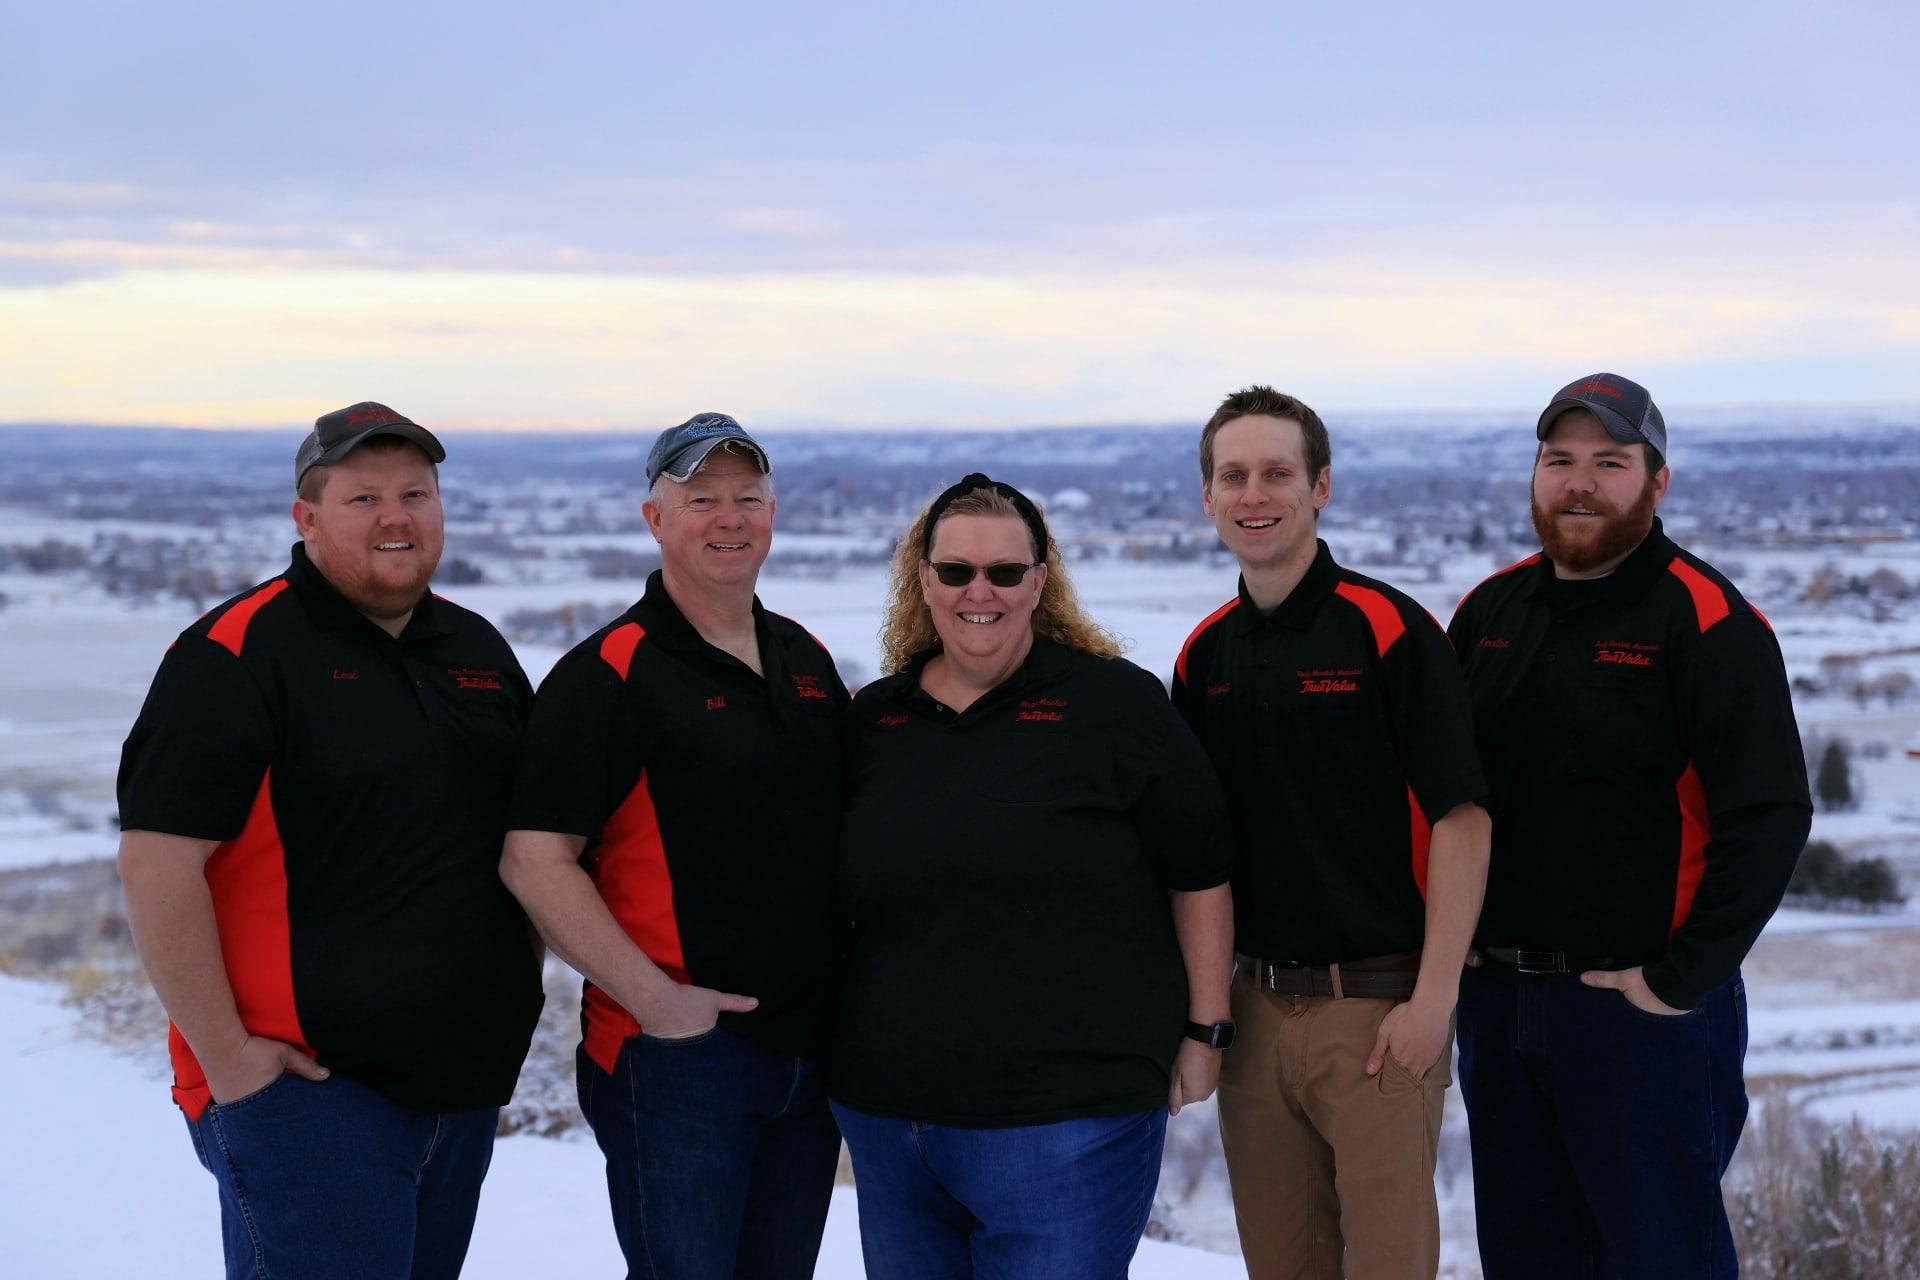 team picture 2.